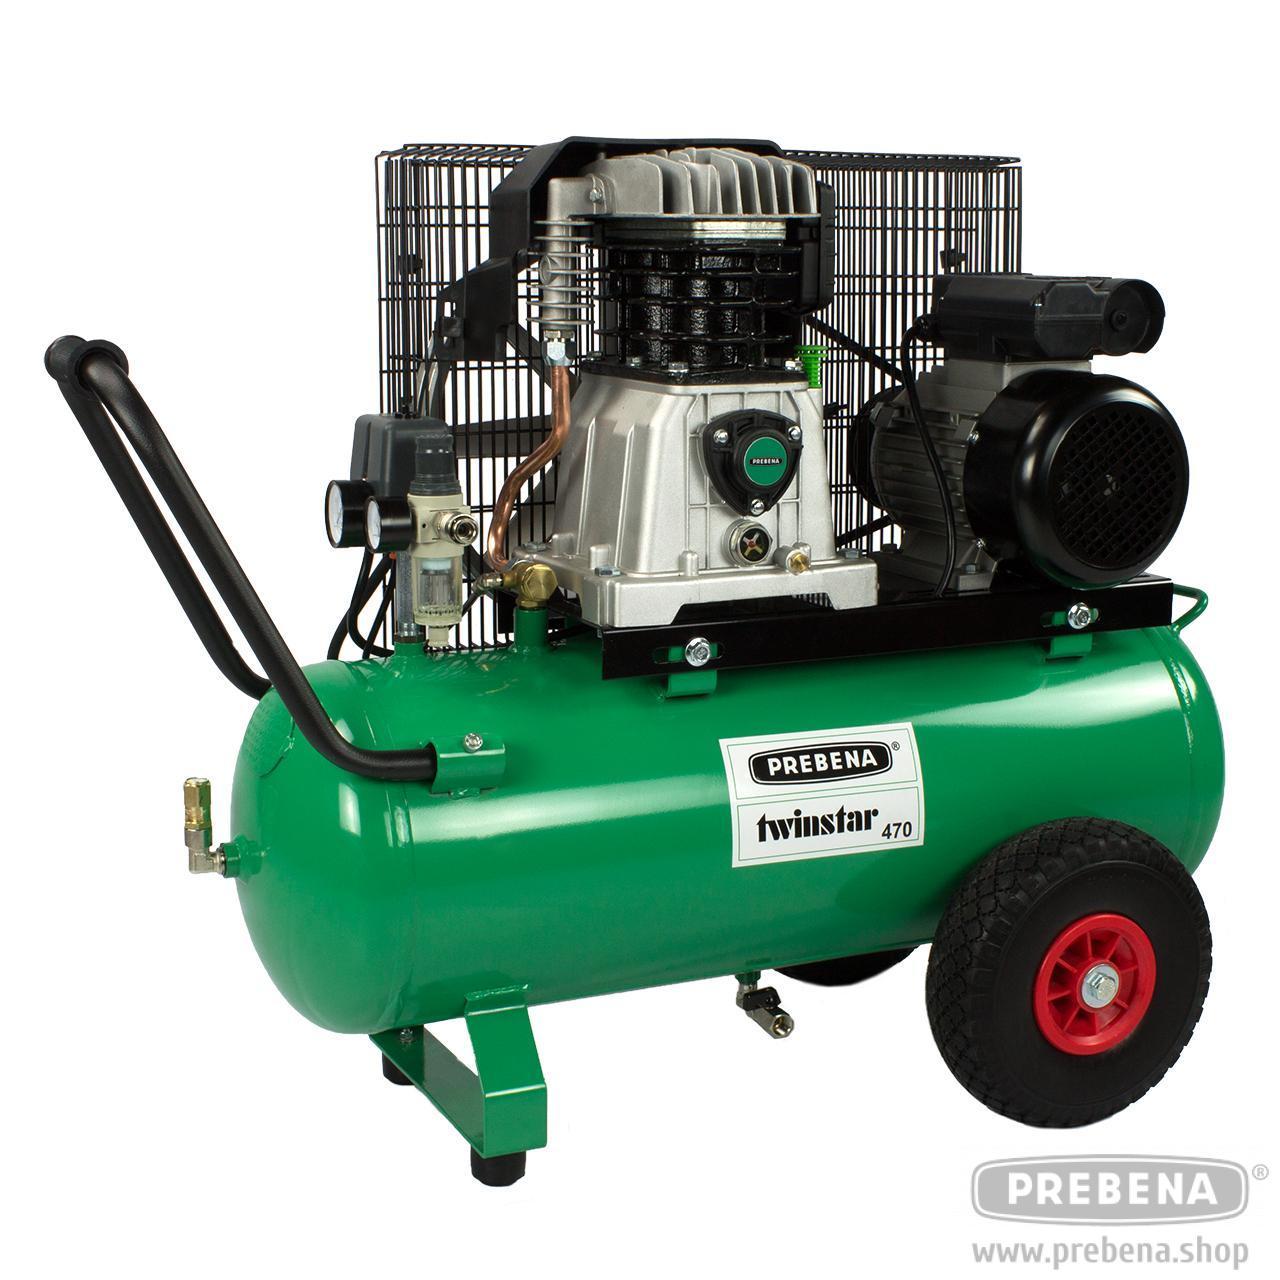 PREBENA Kompressor WARRIOR435